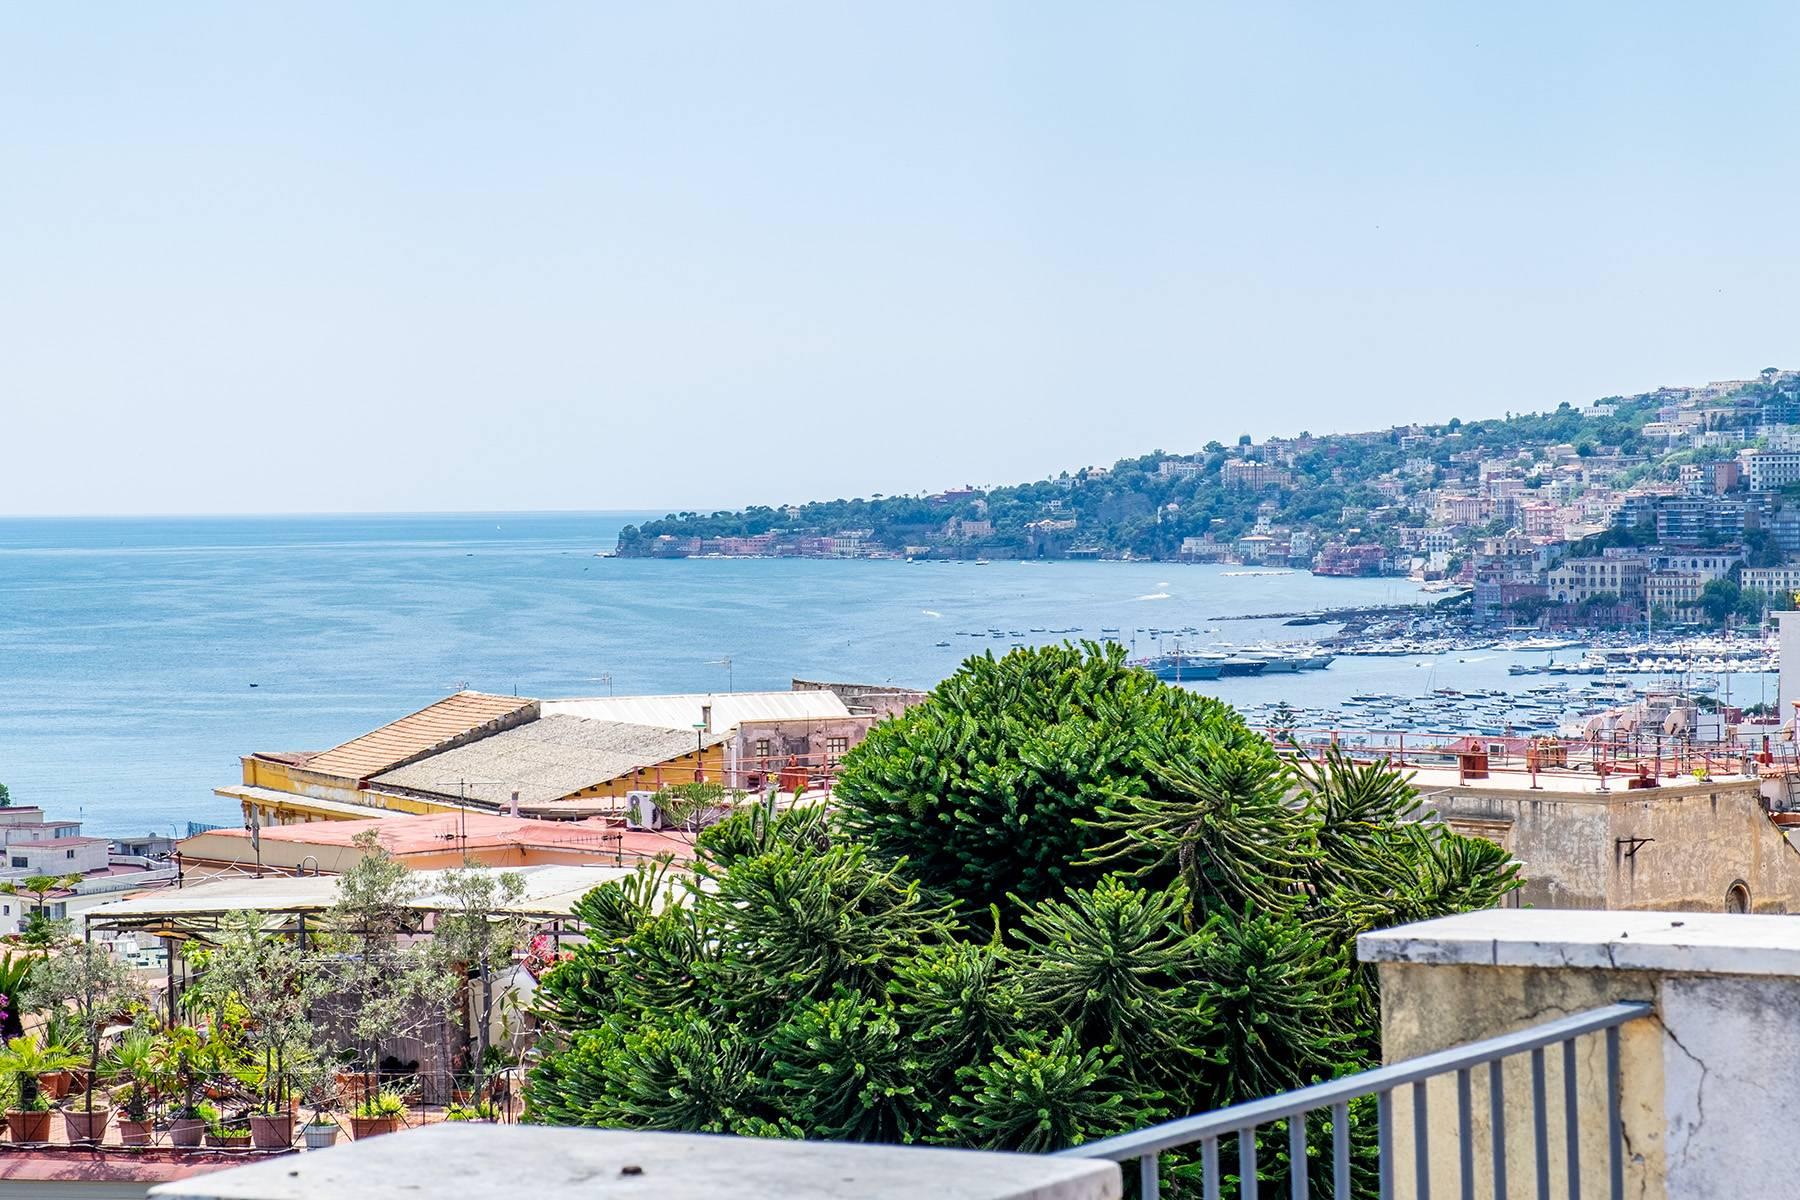 Attico in Vendita a Napoli: 5 locali, 160 mq - Foto 2